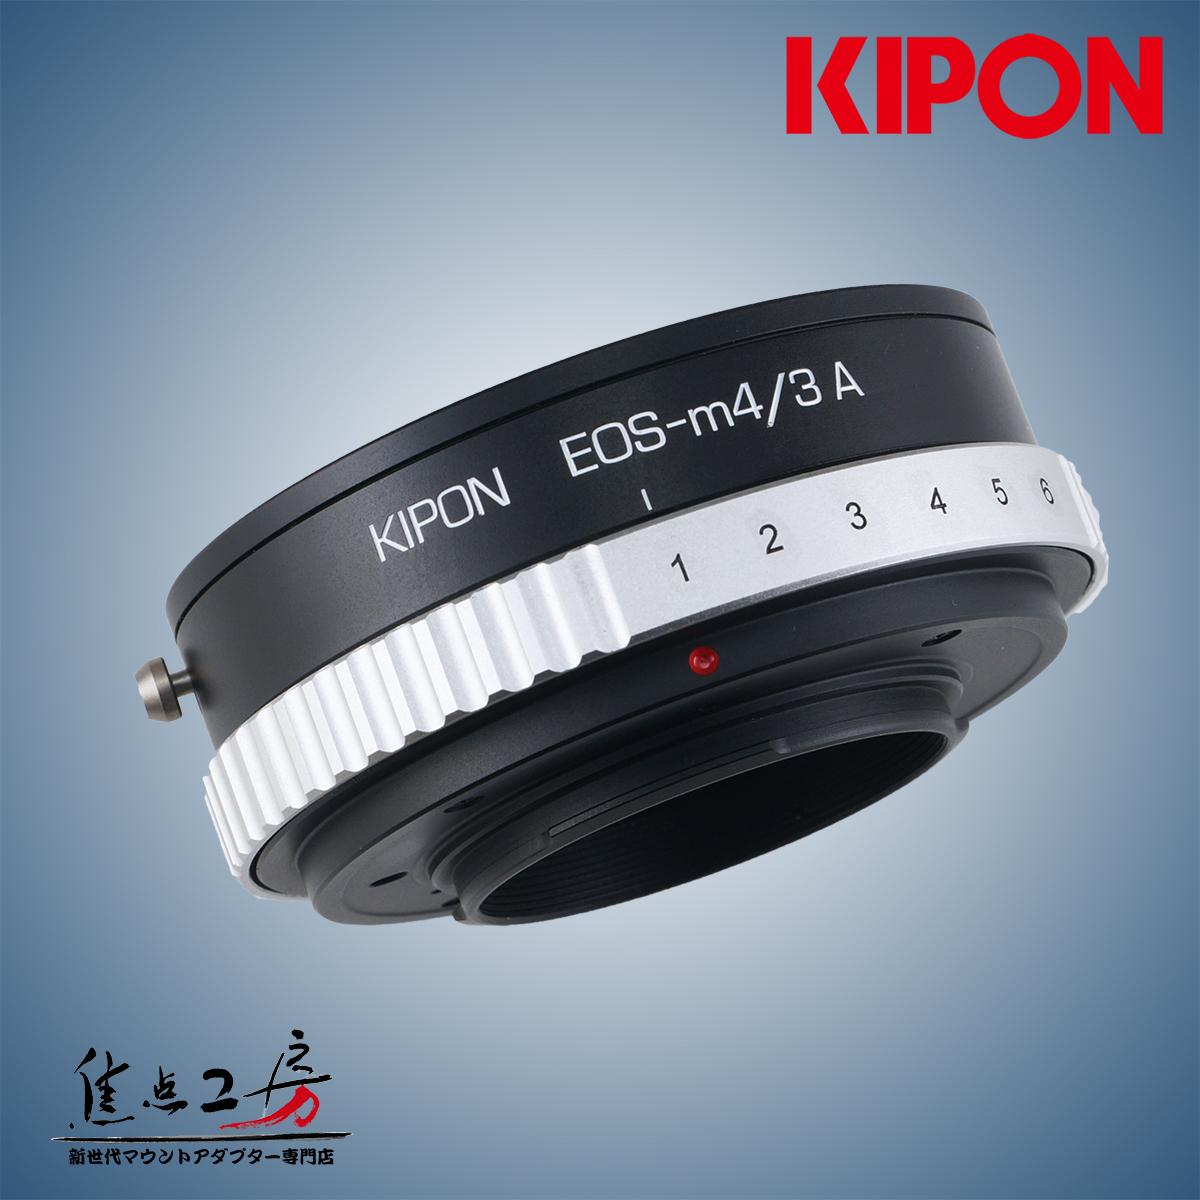 KIPON マイクロフォーサーズマウントカメラ キヤノンEFマウントレンズ - 絞り羽根付き マウントアダプター A EOS-m4/3